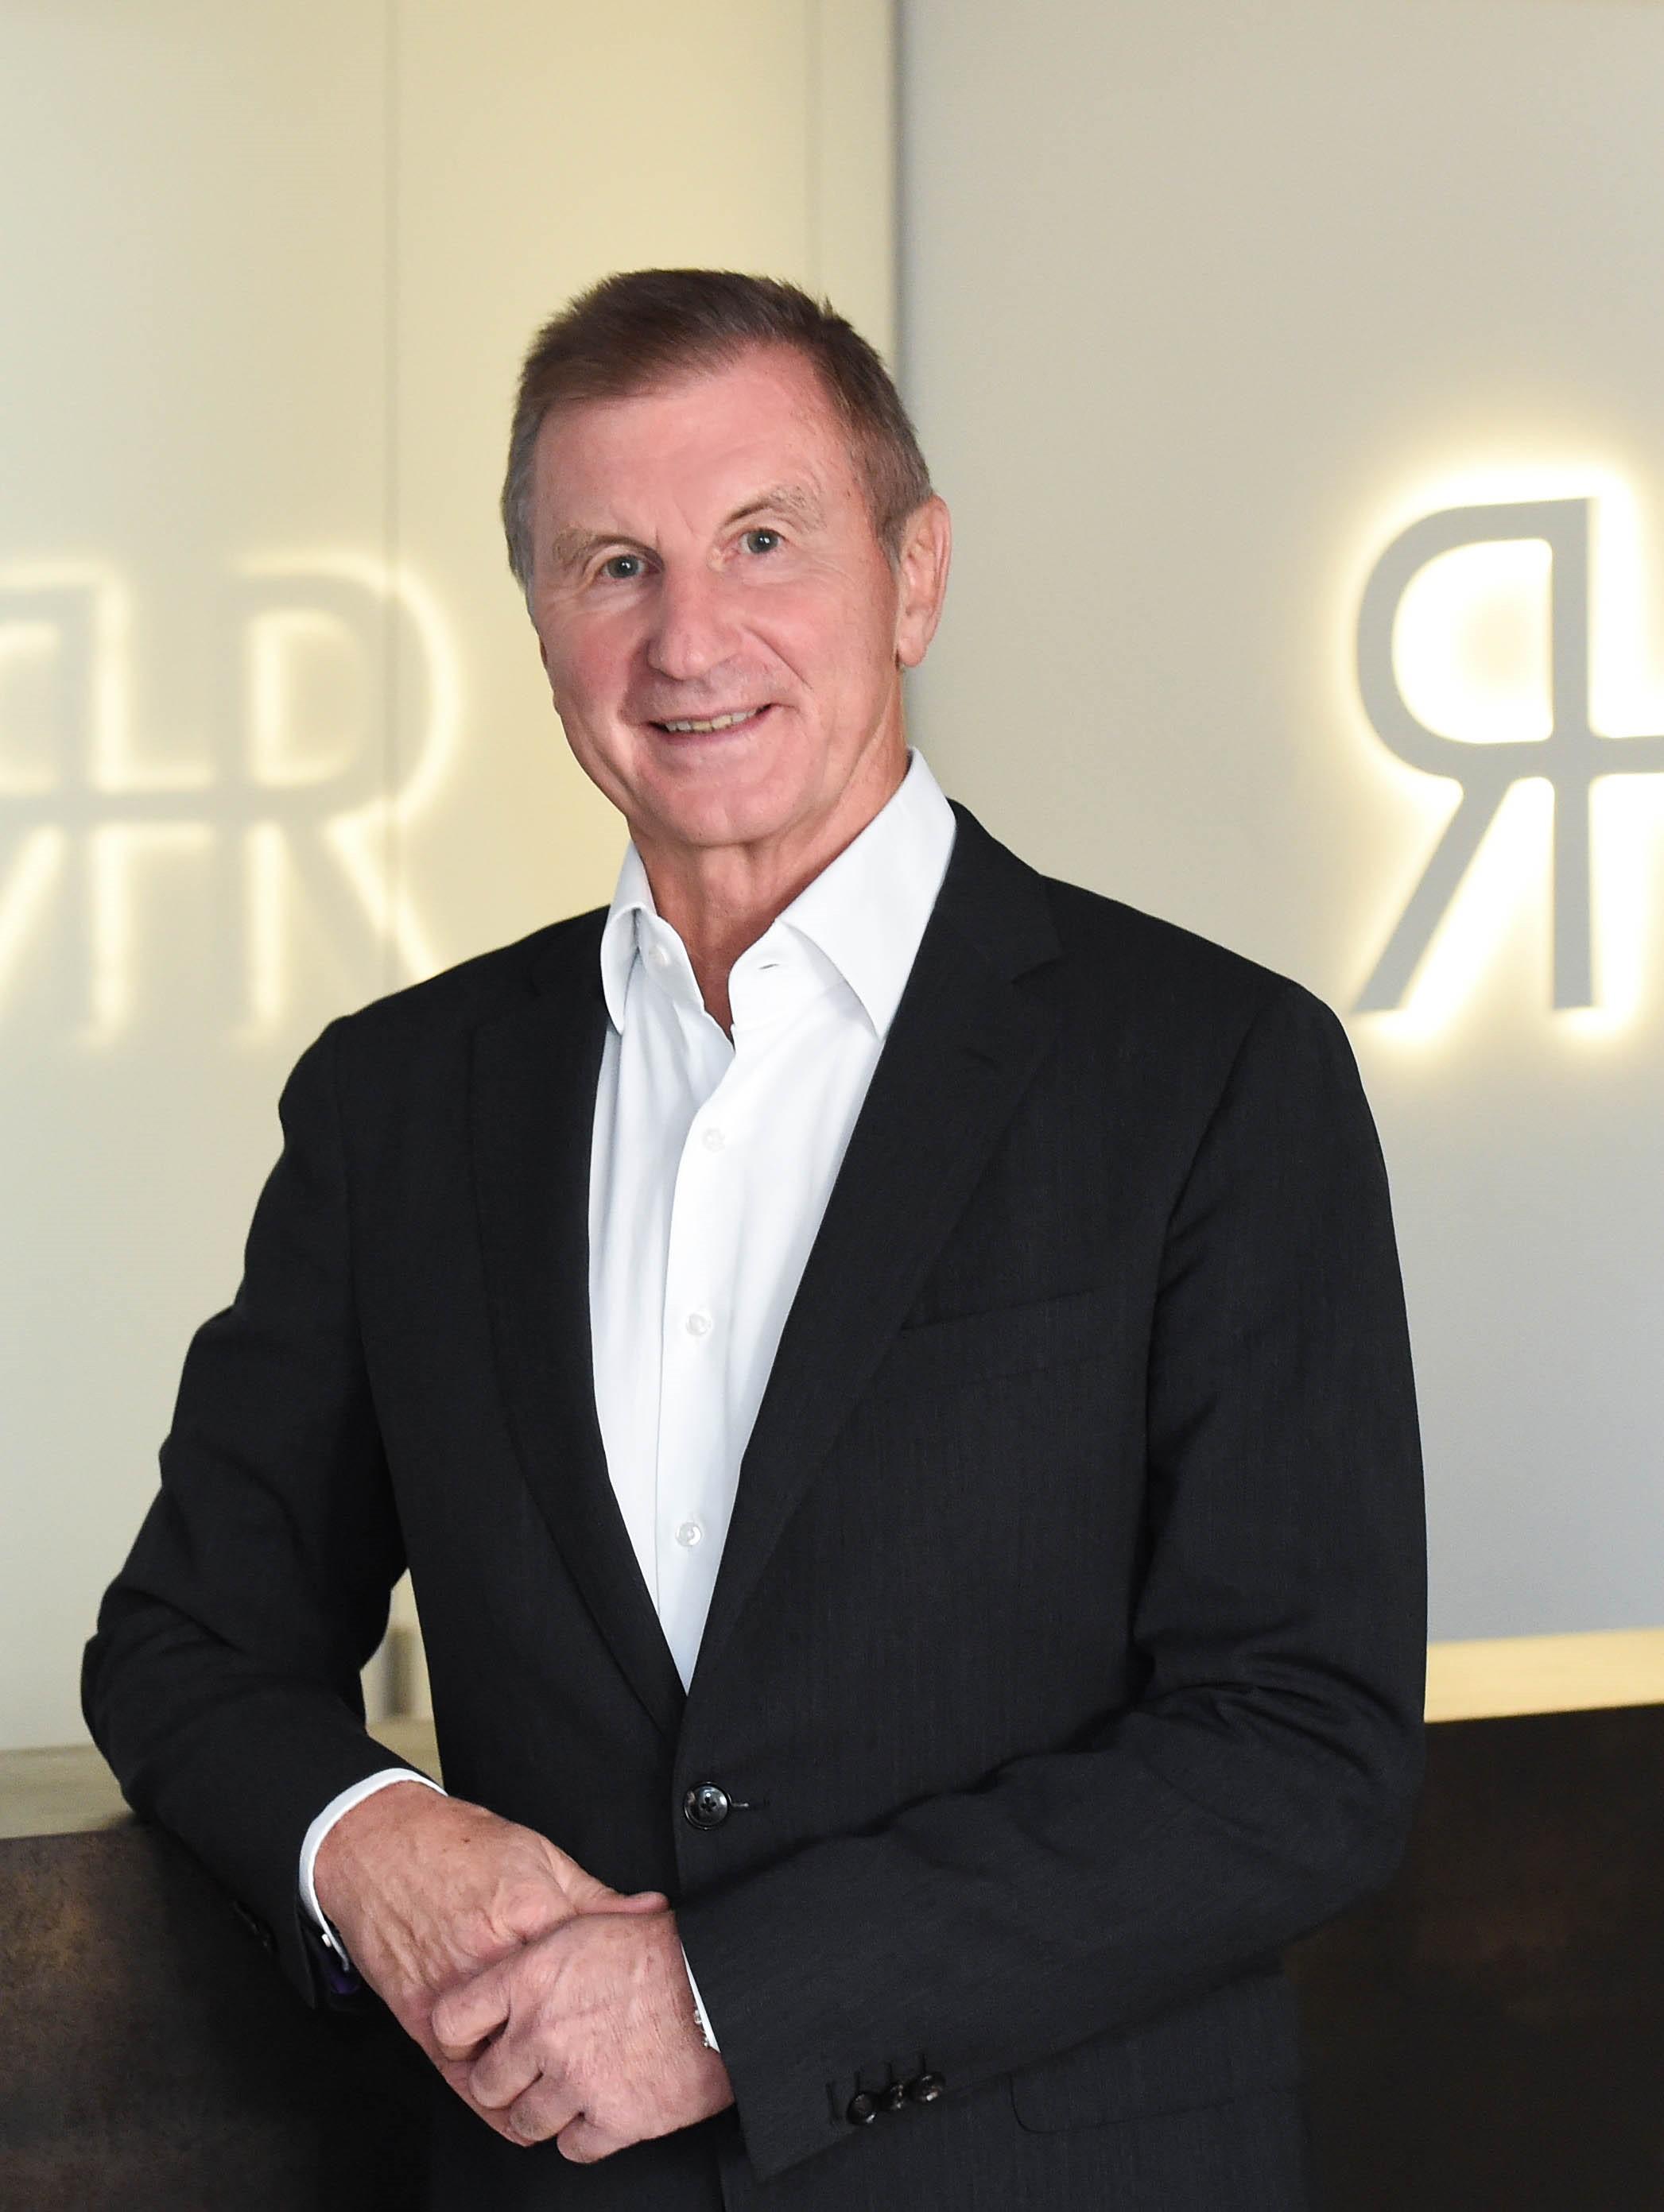 Augenarzt Dr. med. Gerhard Rohrbach Hauck-Rohrbach Augencentren Düsseldorf